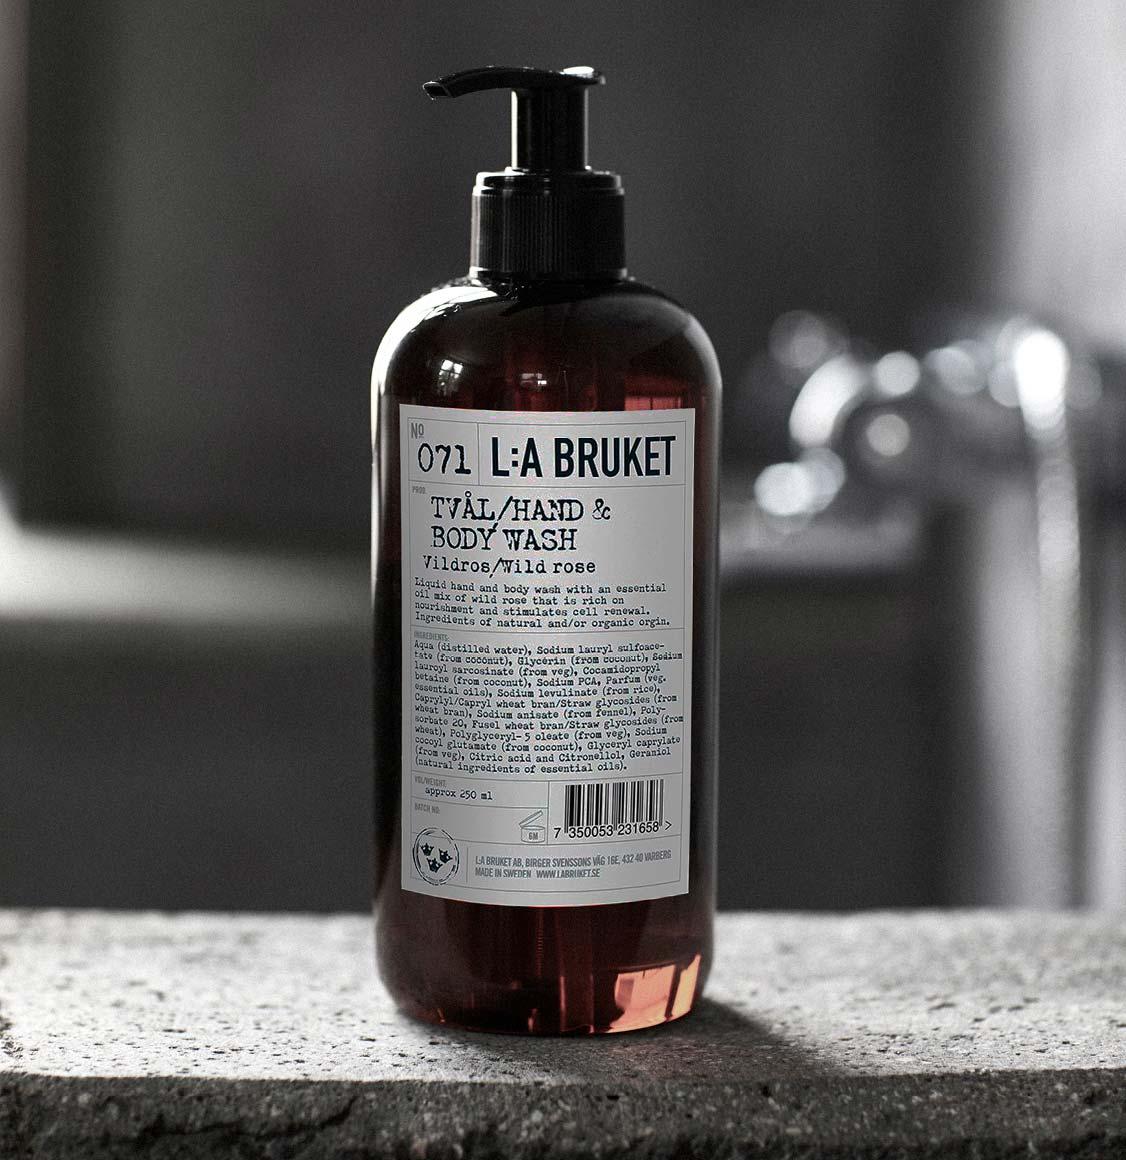 LA Bruket 071 Hand and Body Wash Wild Rose 450ml